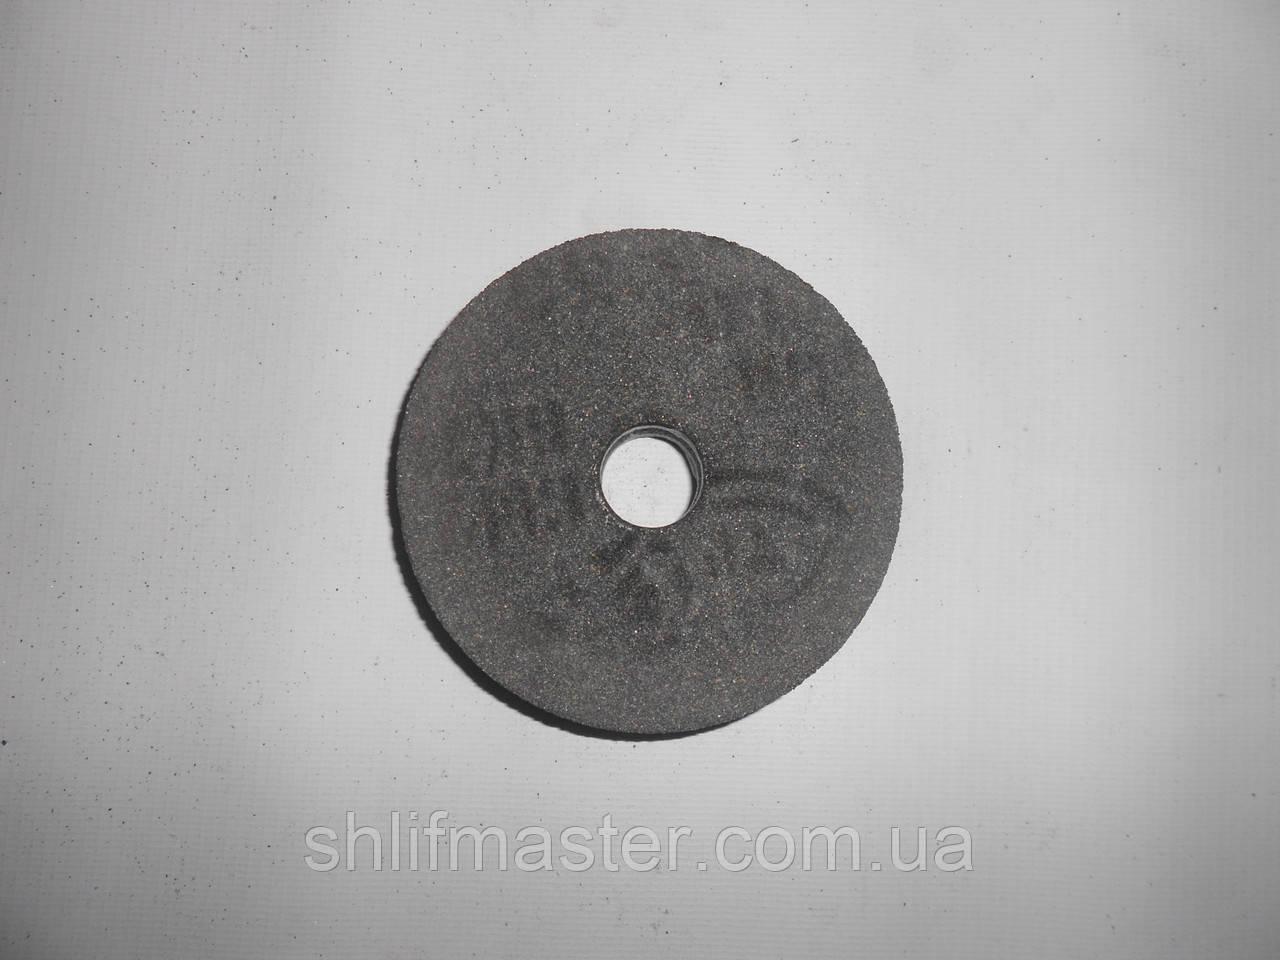 Круг шлифовальный 14А (электрокорунд серый) ПП на керамической связке 63х16х20 40 СМ2